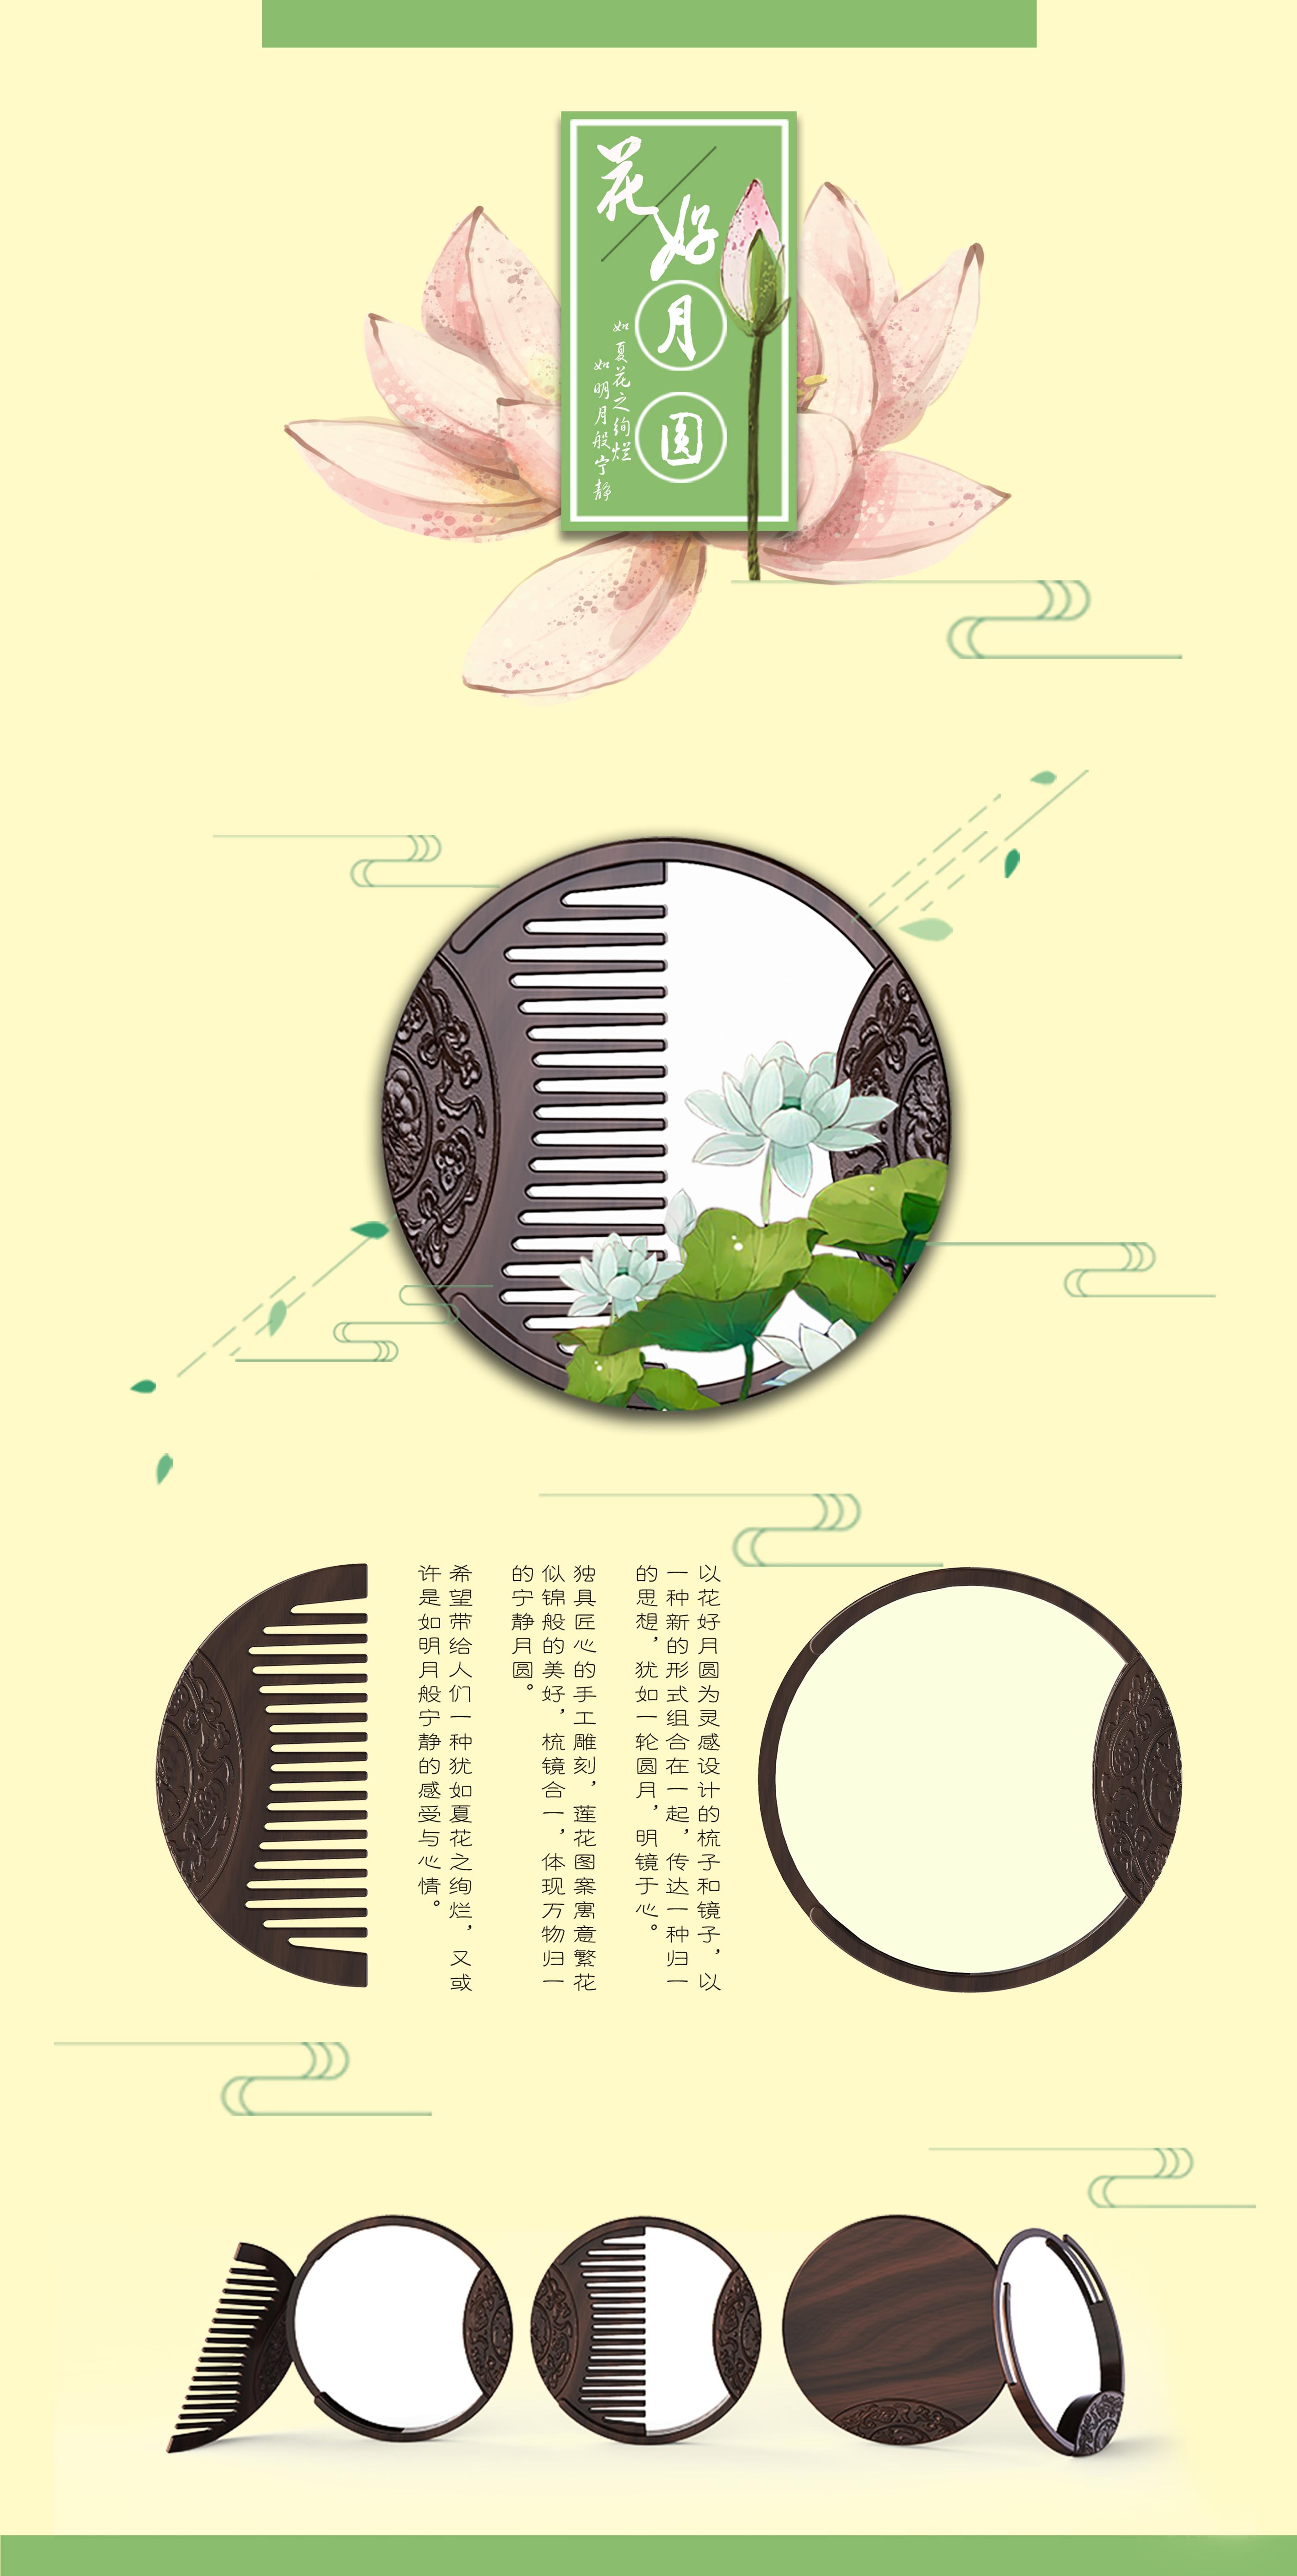 花好月圆|工业/产品|礼品/纪念品|demo一ln - 原创